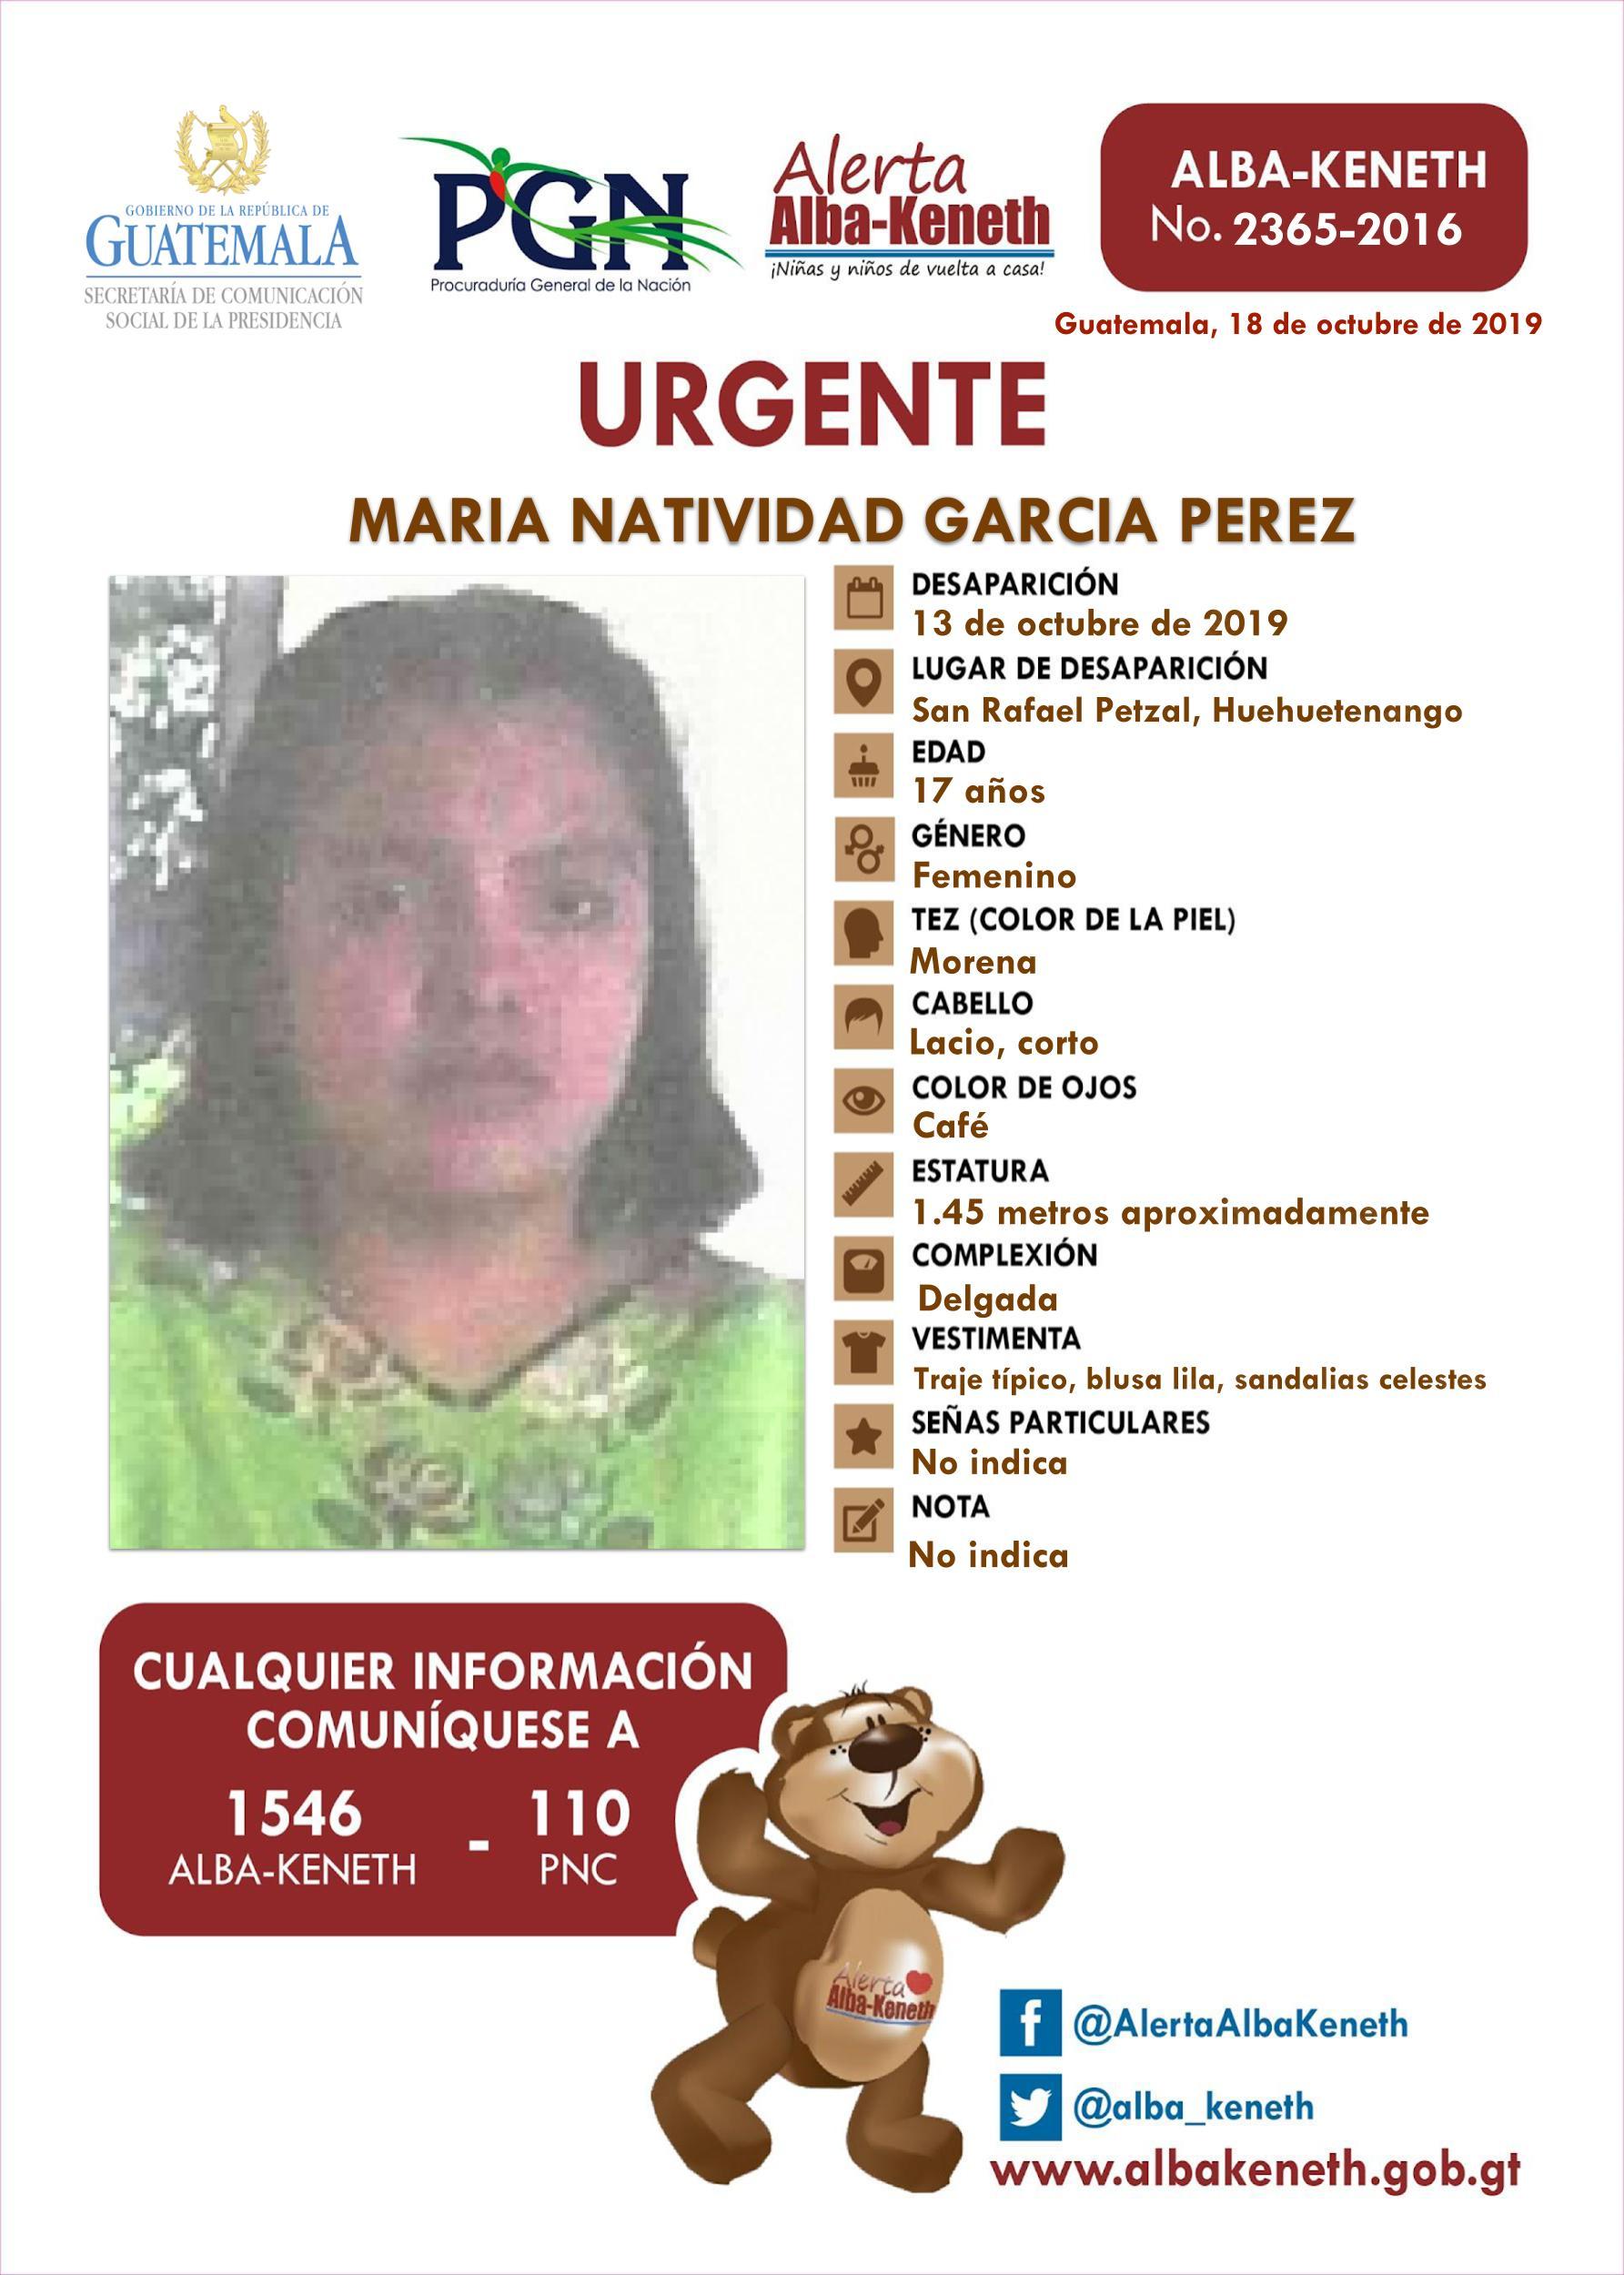 Maria Natividad Garcia Perez